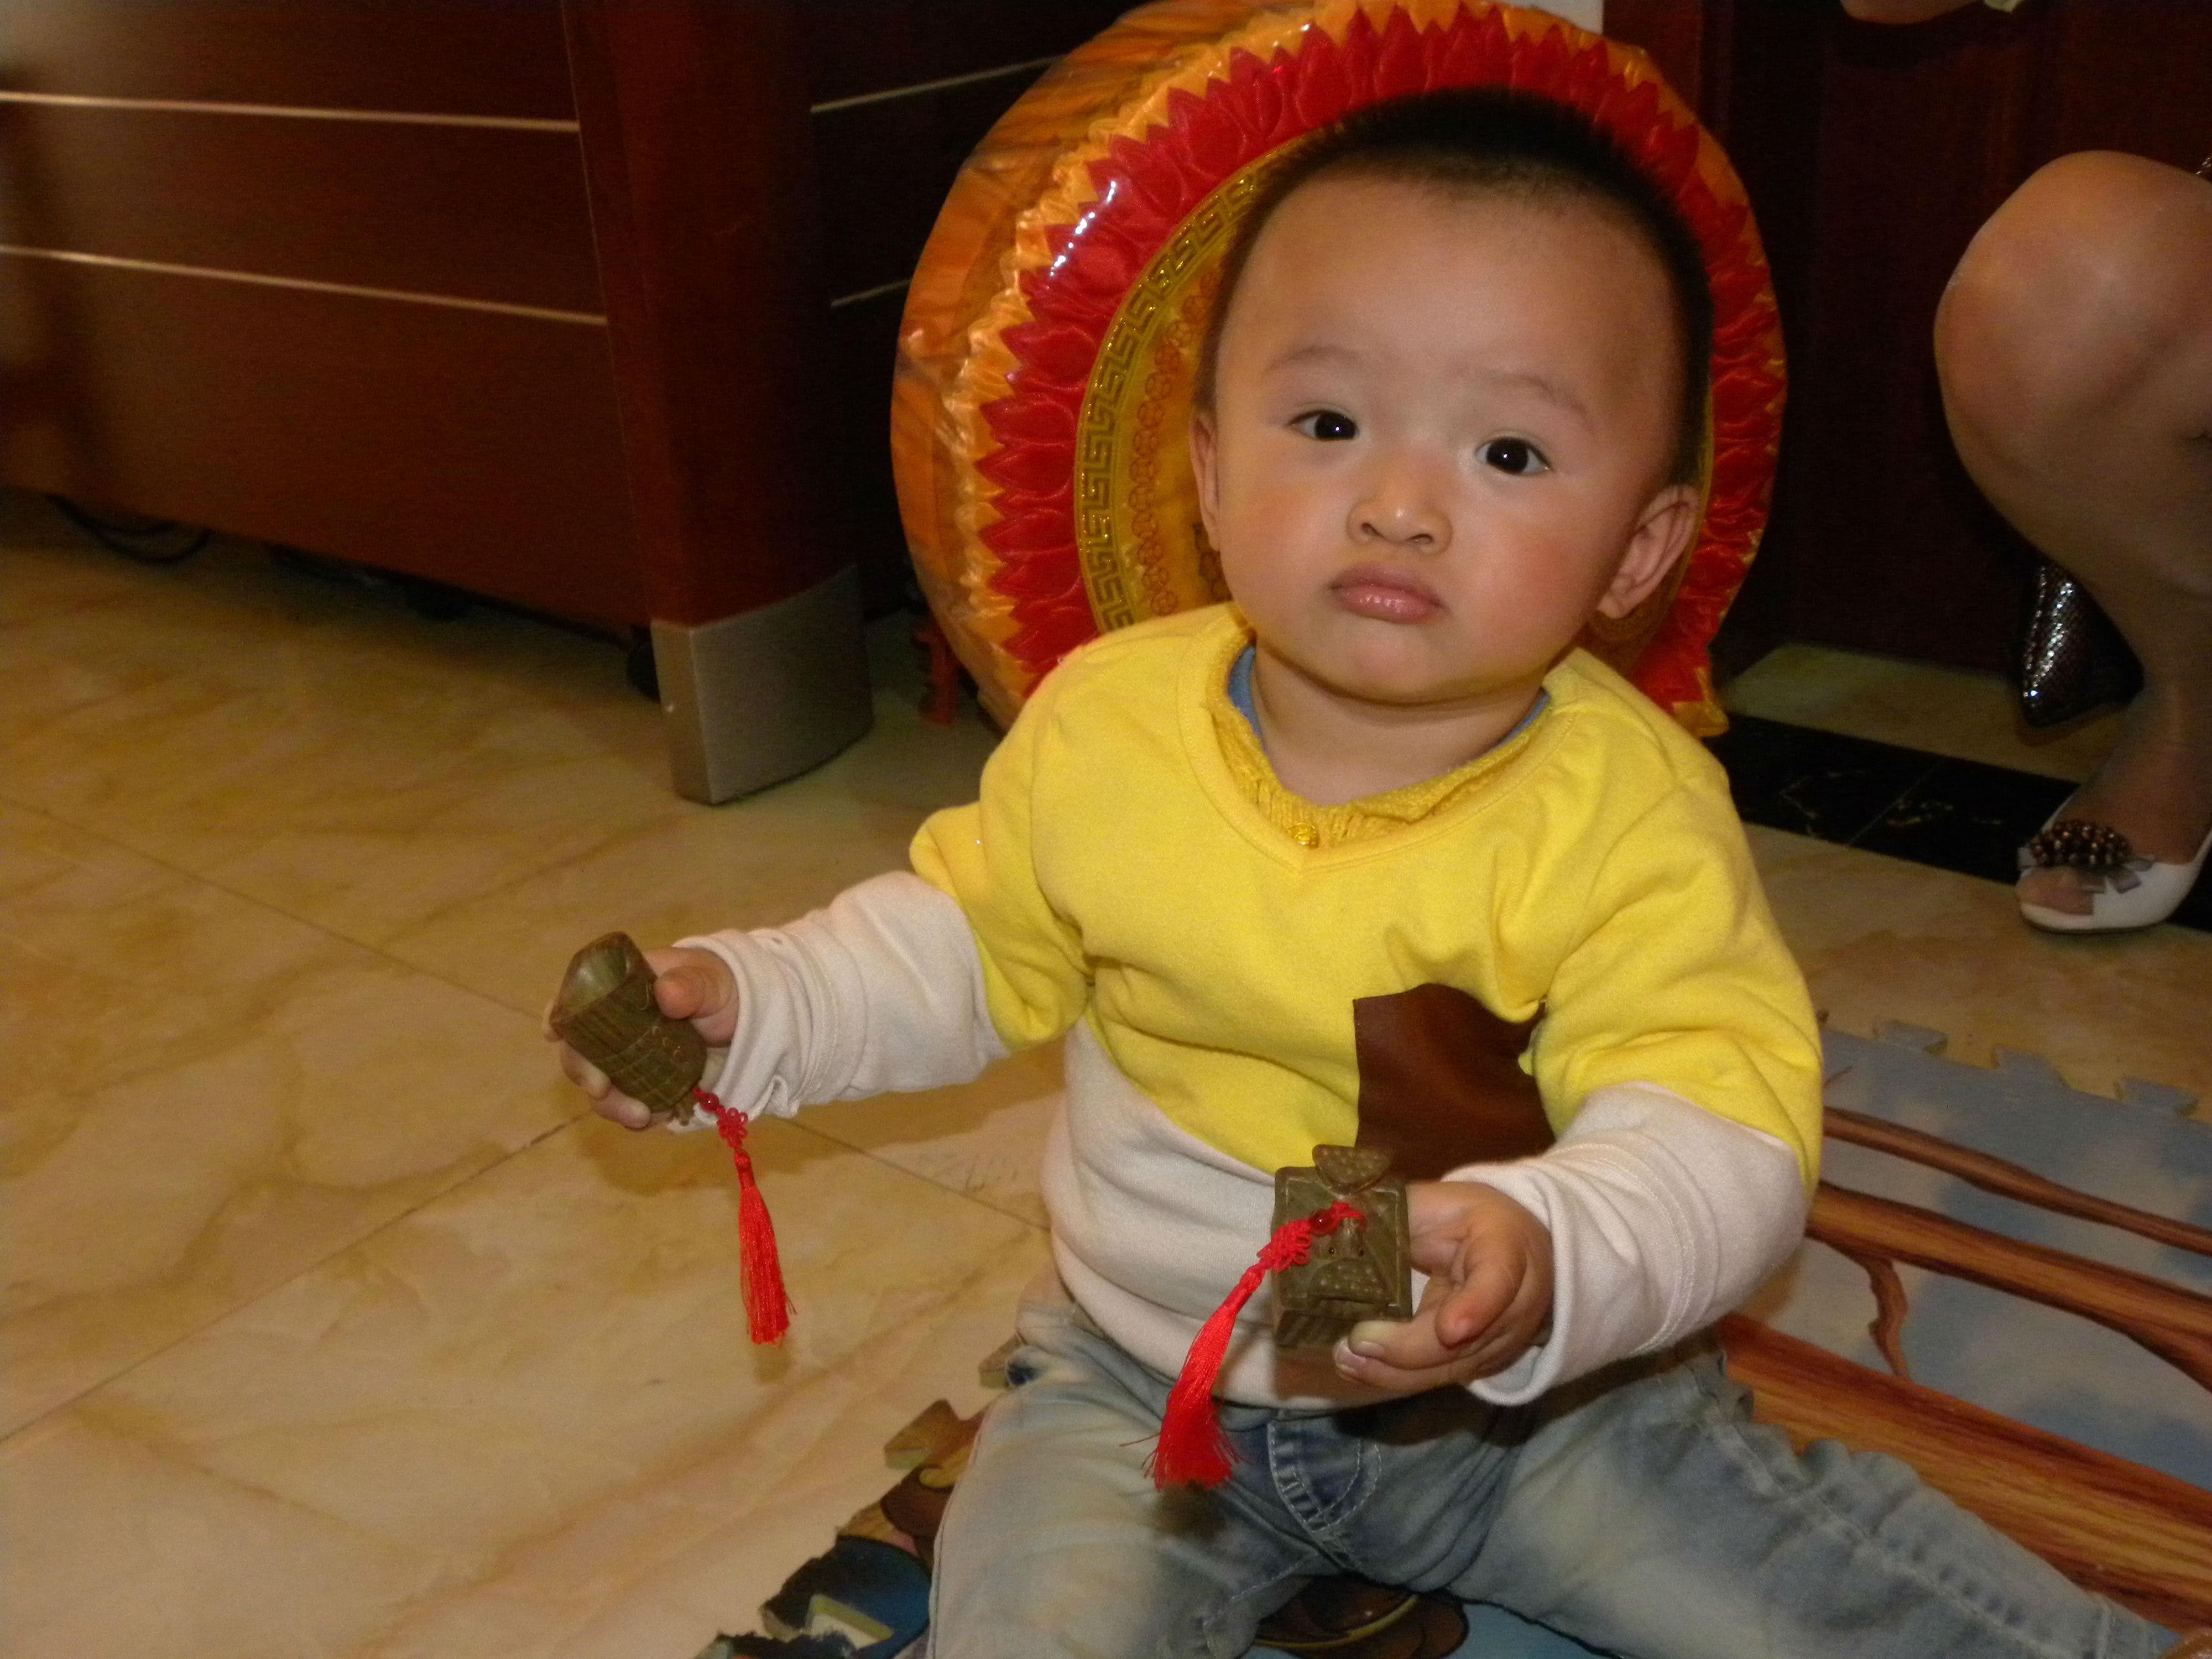 http://www.ynyihexuan.cn/160107141329095609560100.jpg